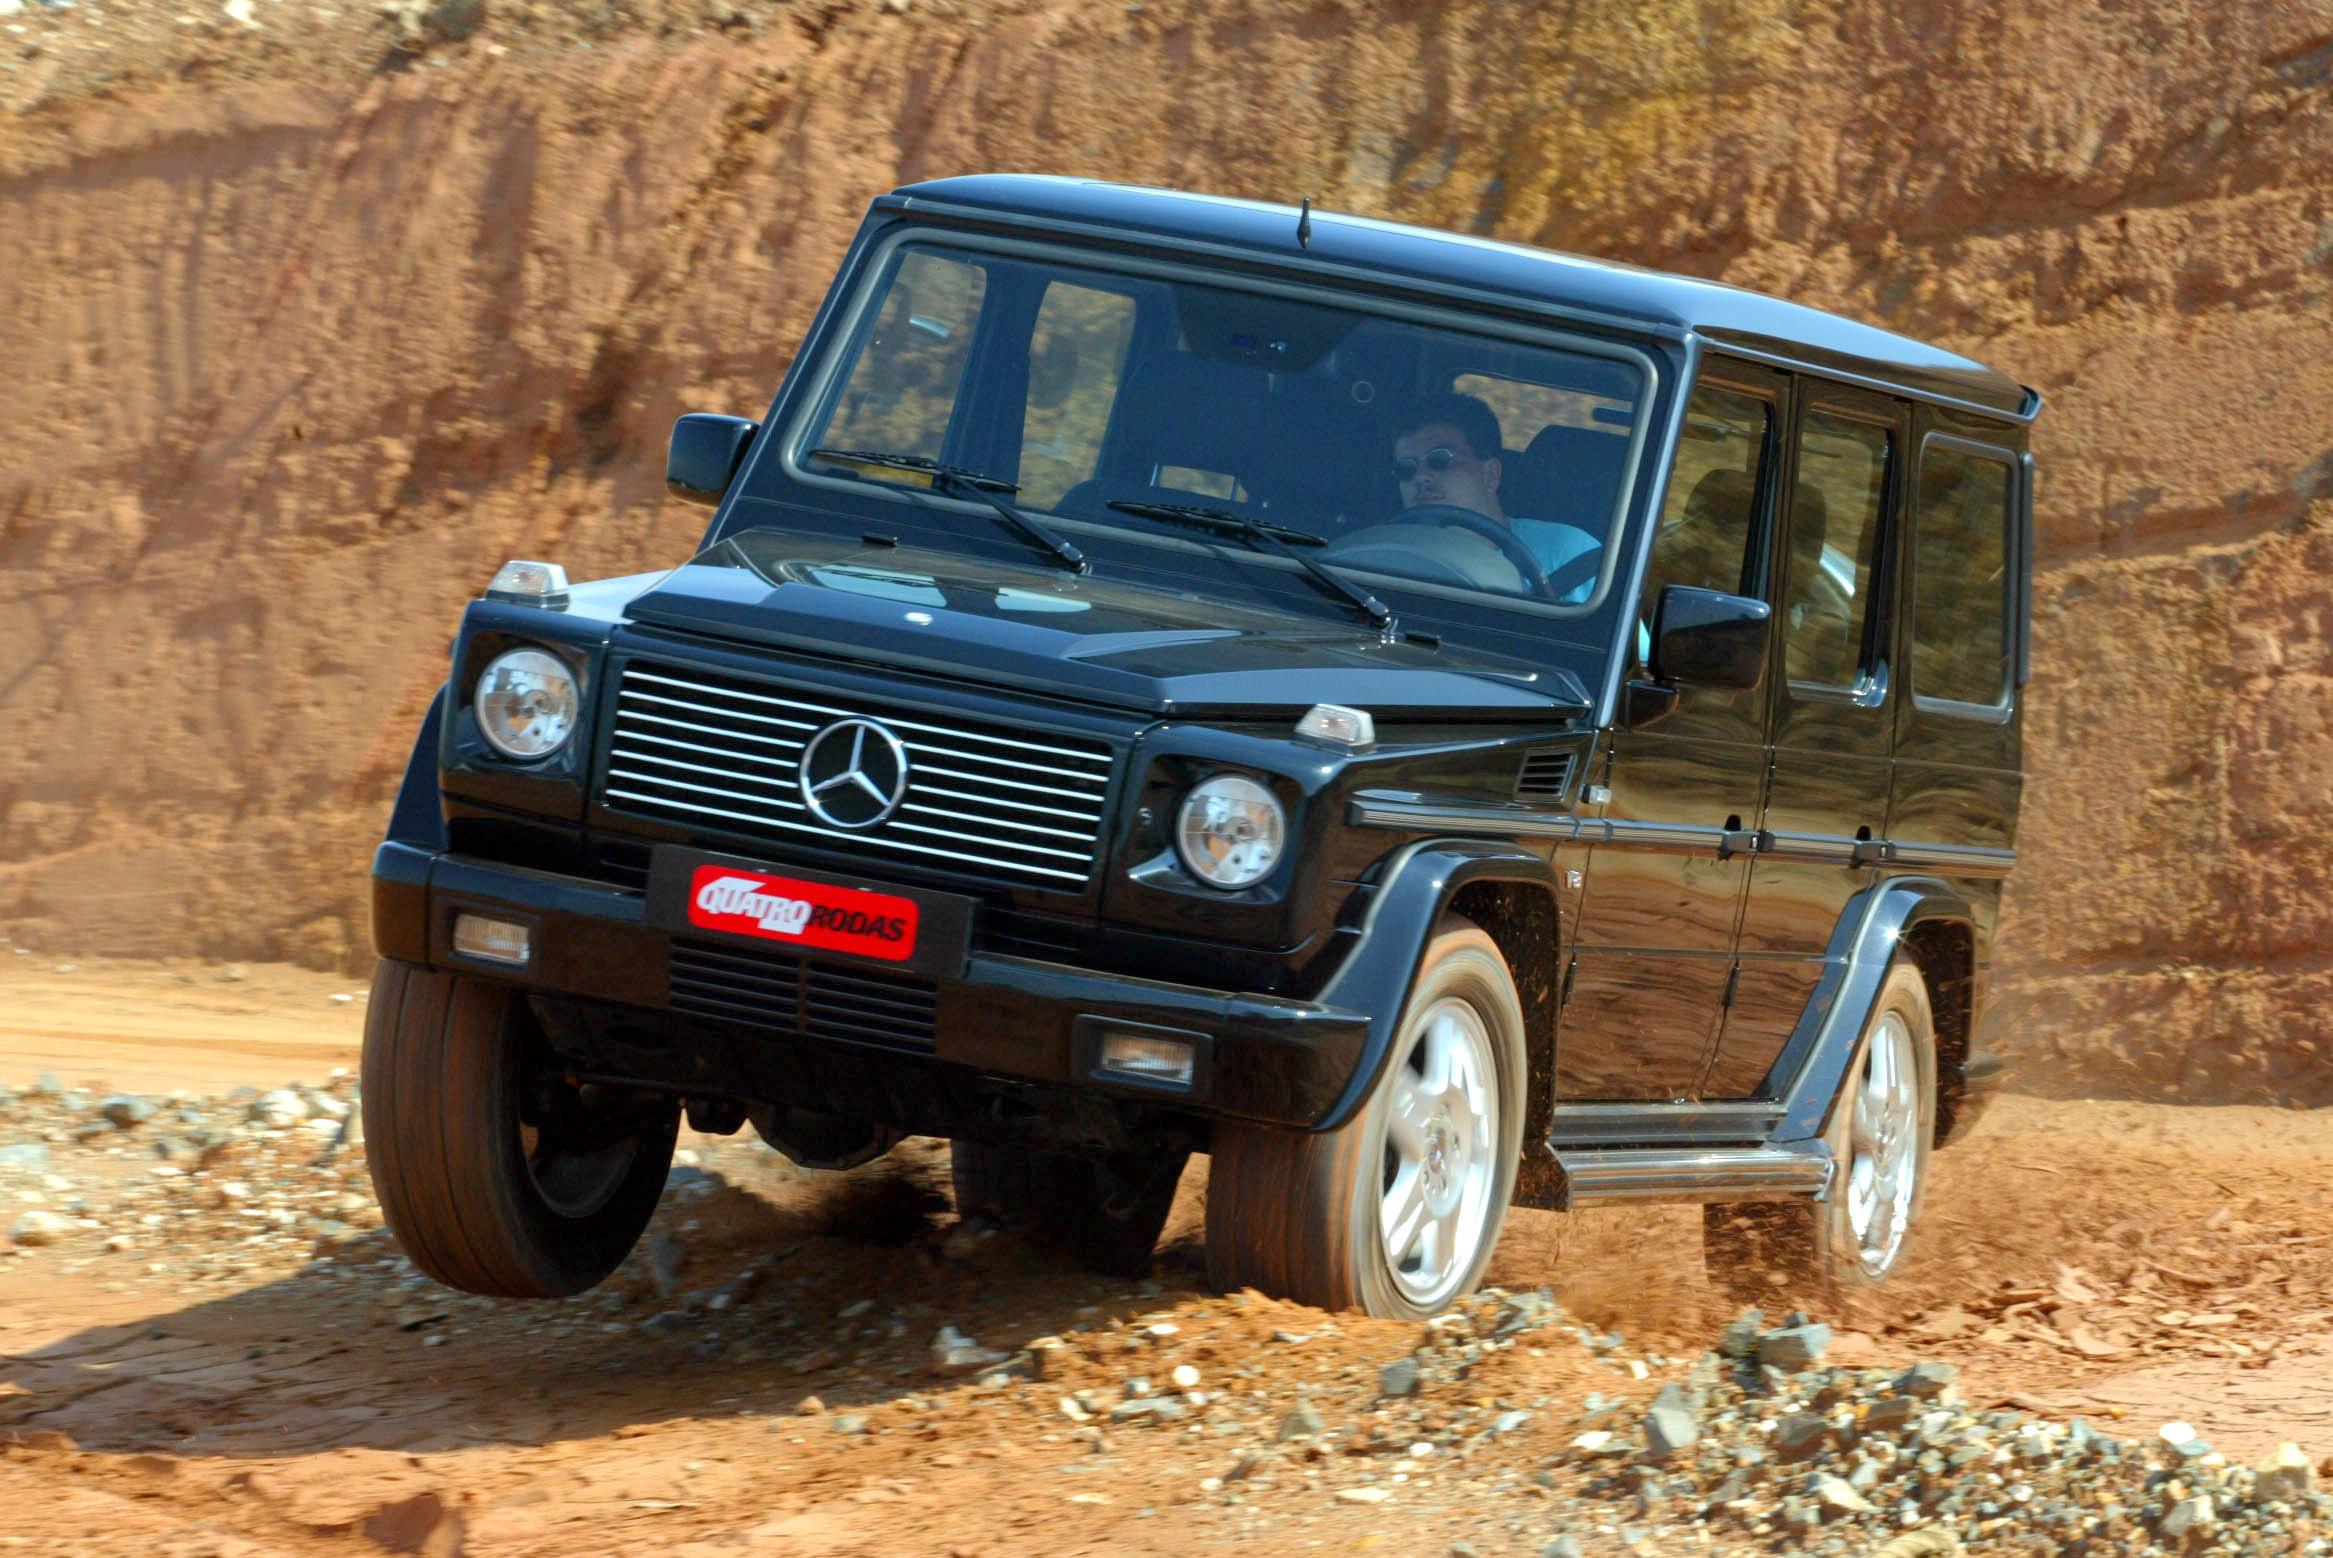 Mercedes Classe G, jipe da Mercedes-Benz, modelo 2003.